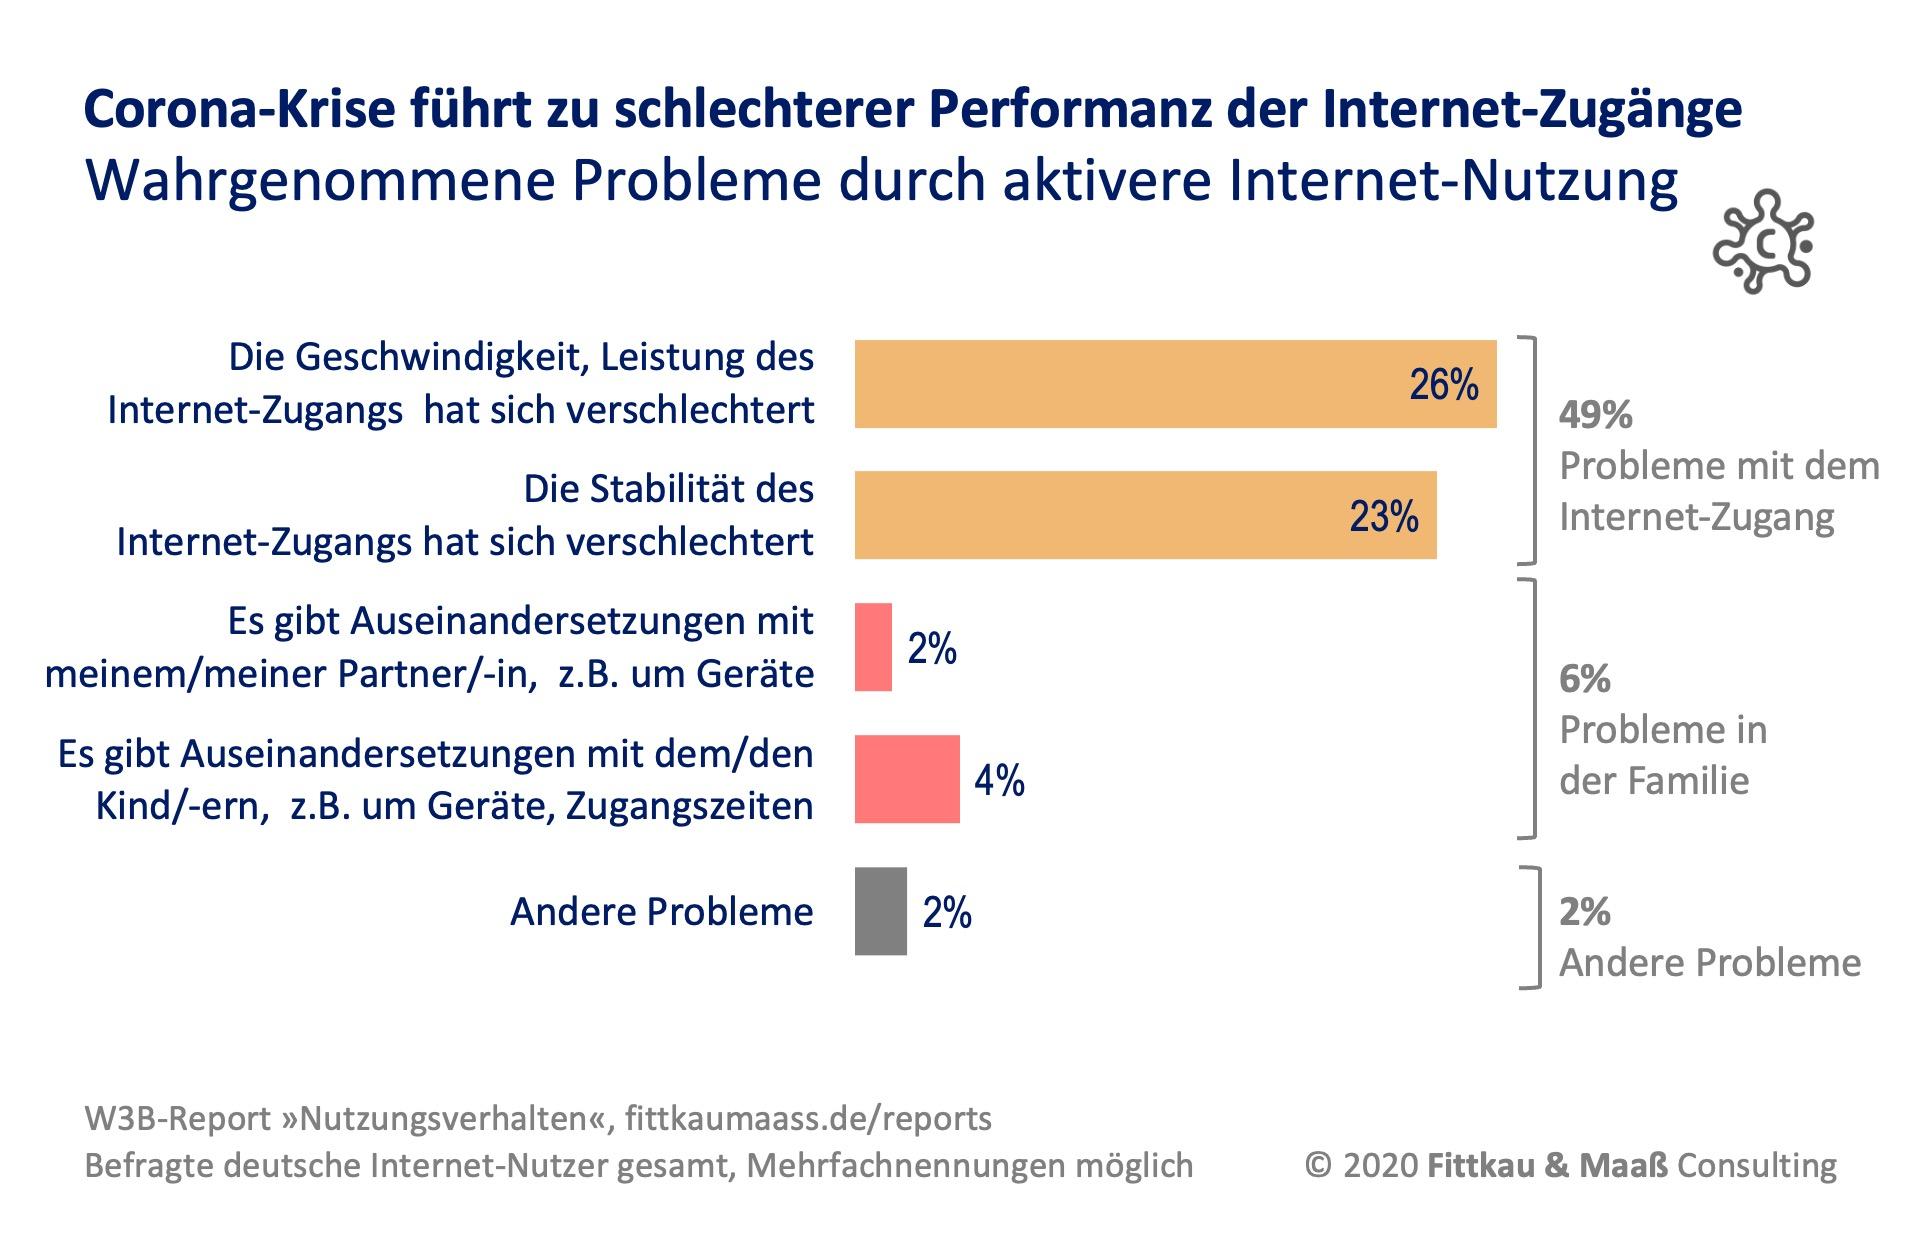 Probleme im Heimnetzwerk bei Internet-Nutzung während Corona-Krise